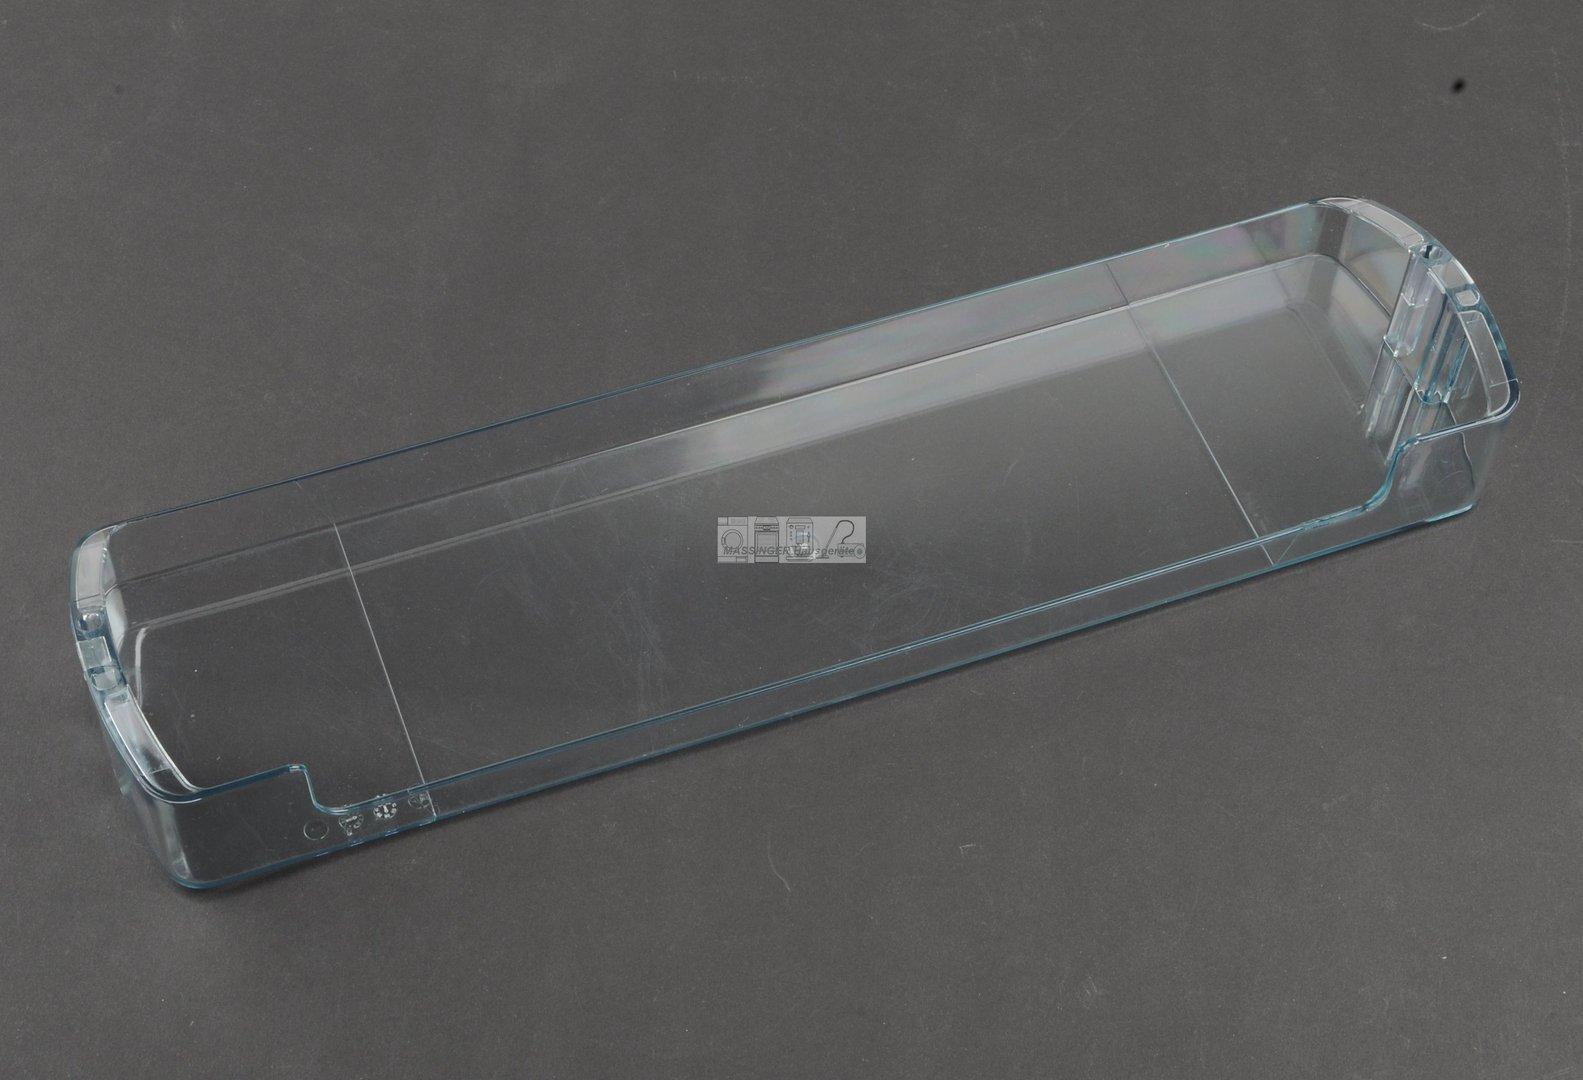 Gorenje Kühlschrank Hi 1526 Ersatzteile : Gorenje kühlschrank ersatzteile dichtung türring gorenje